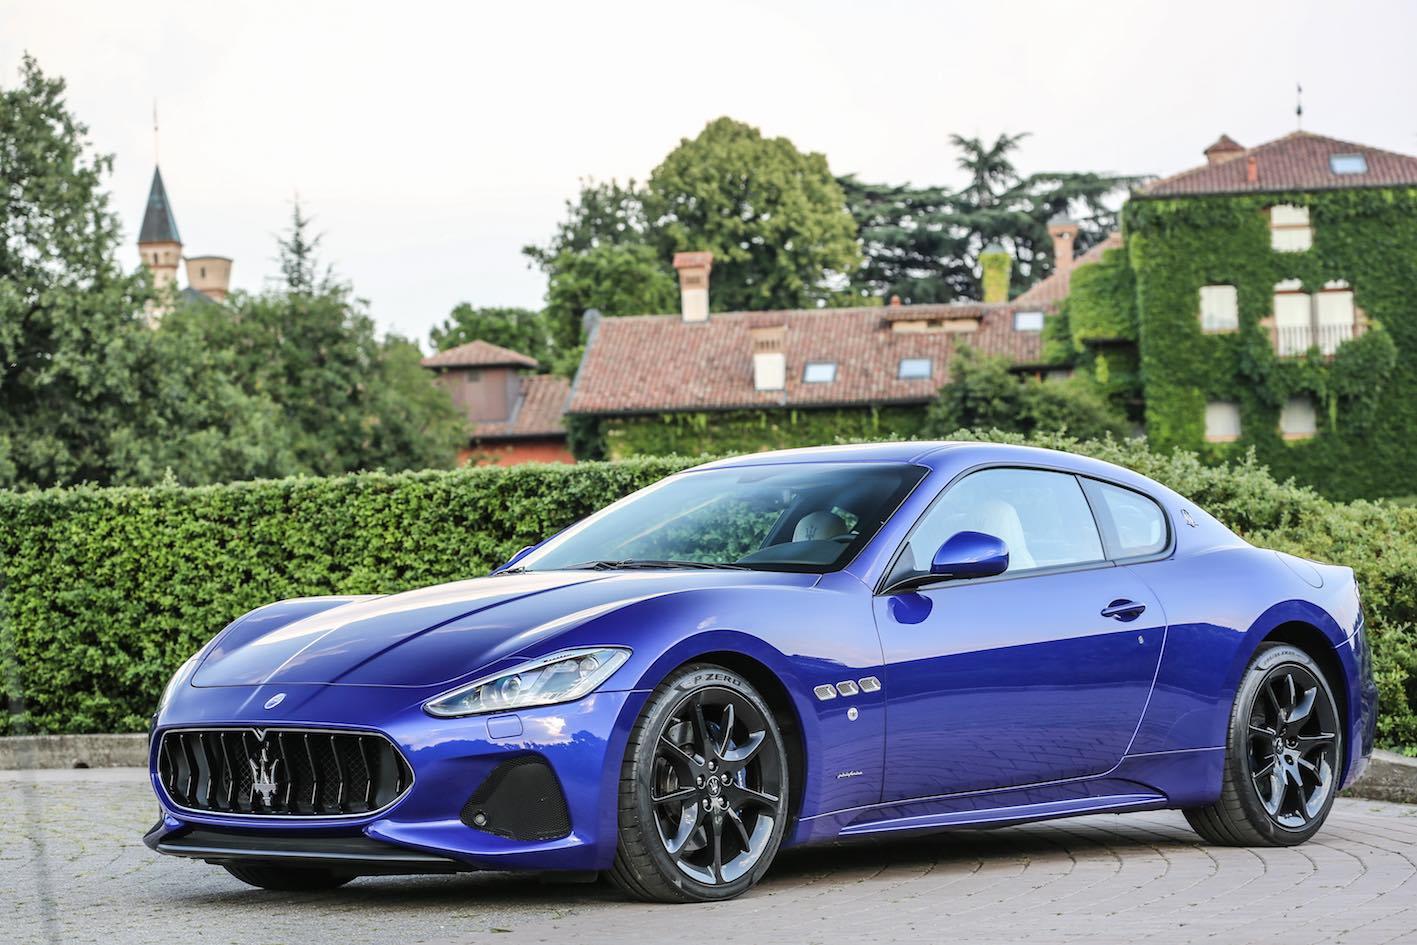 Maserati GranTurismo 2018 blau front